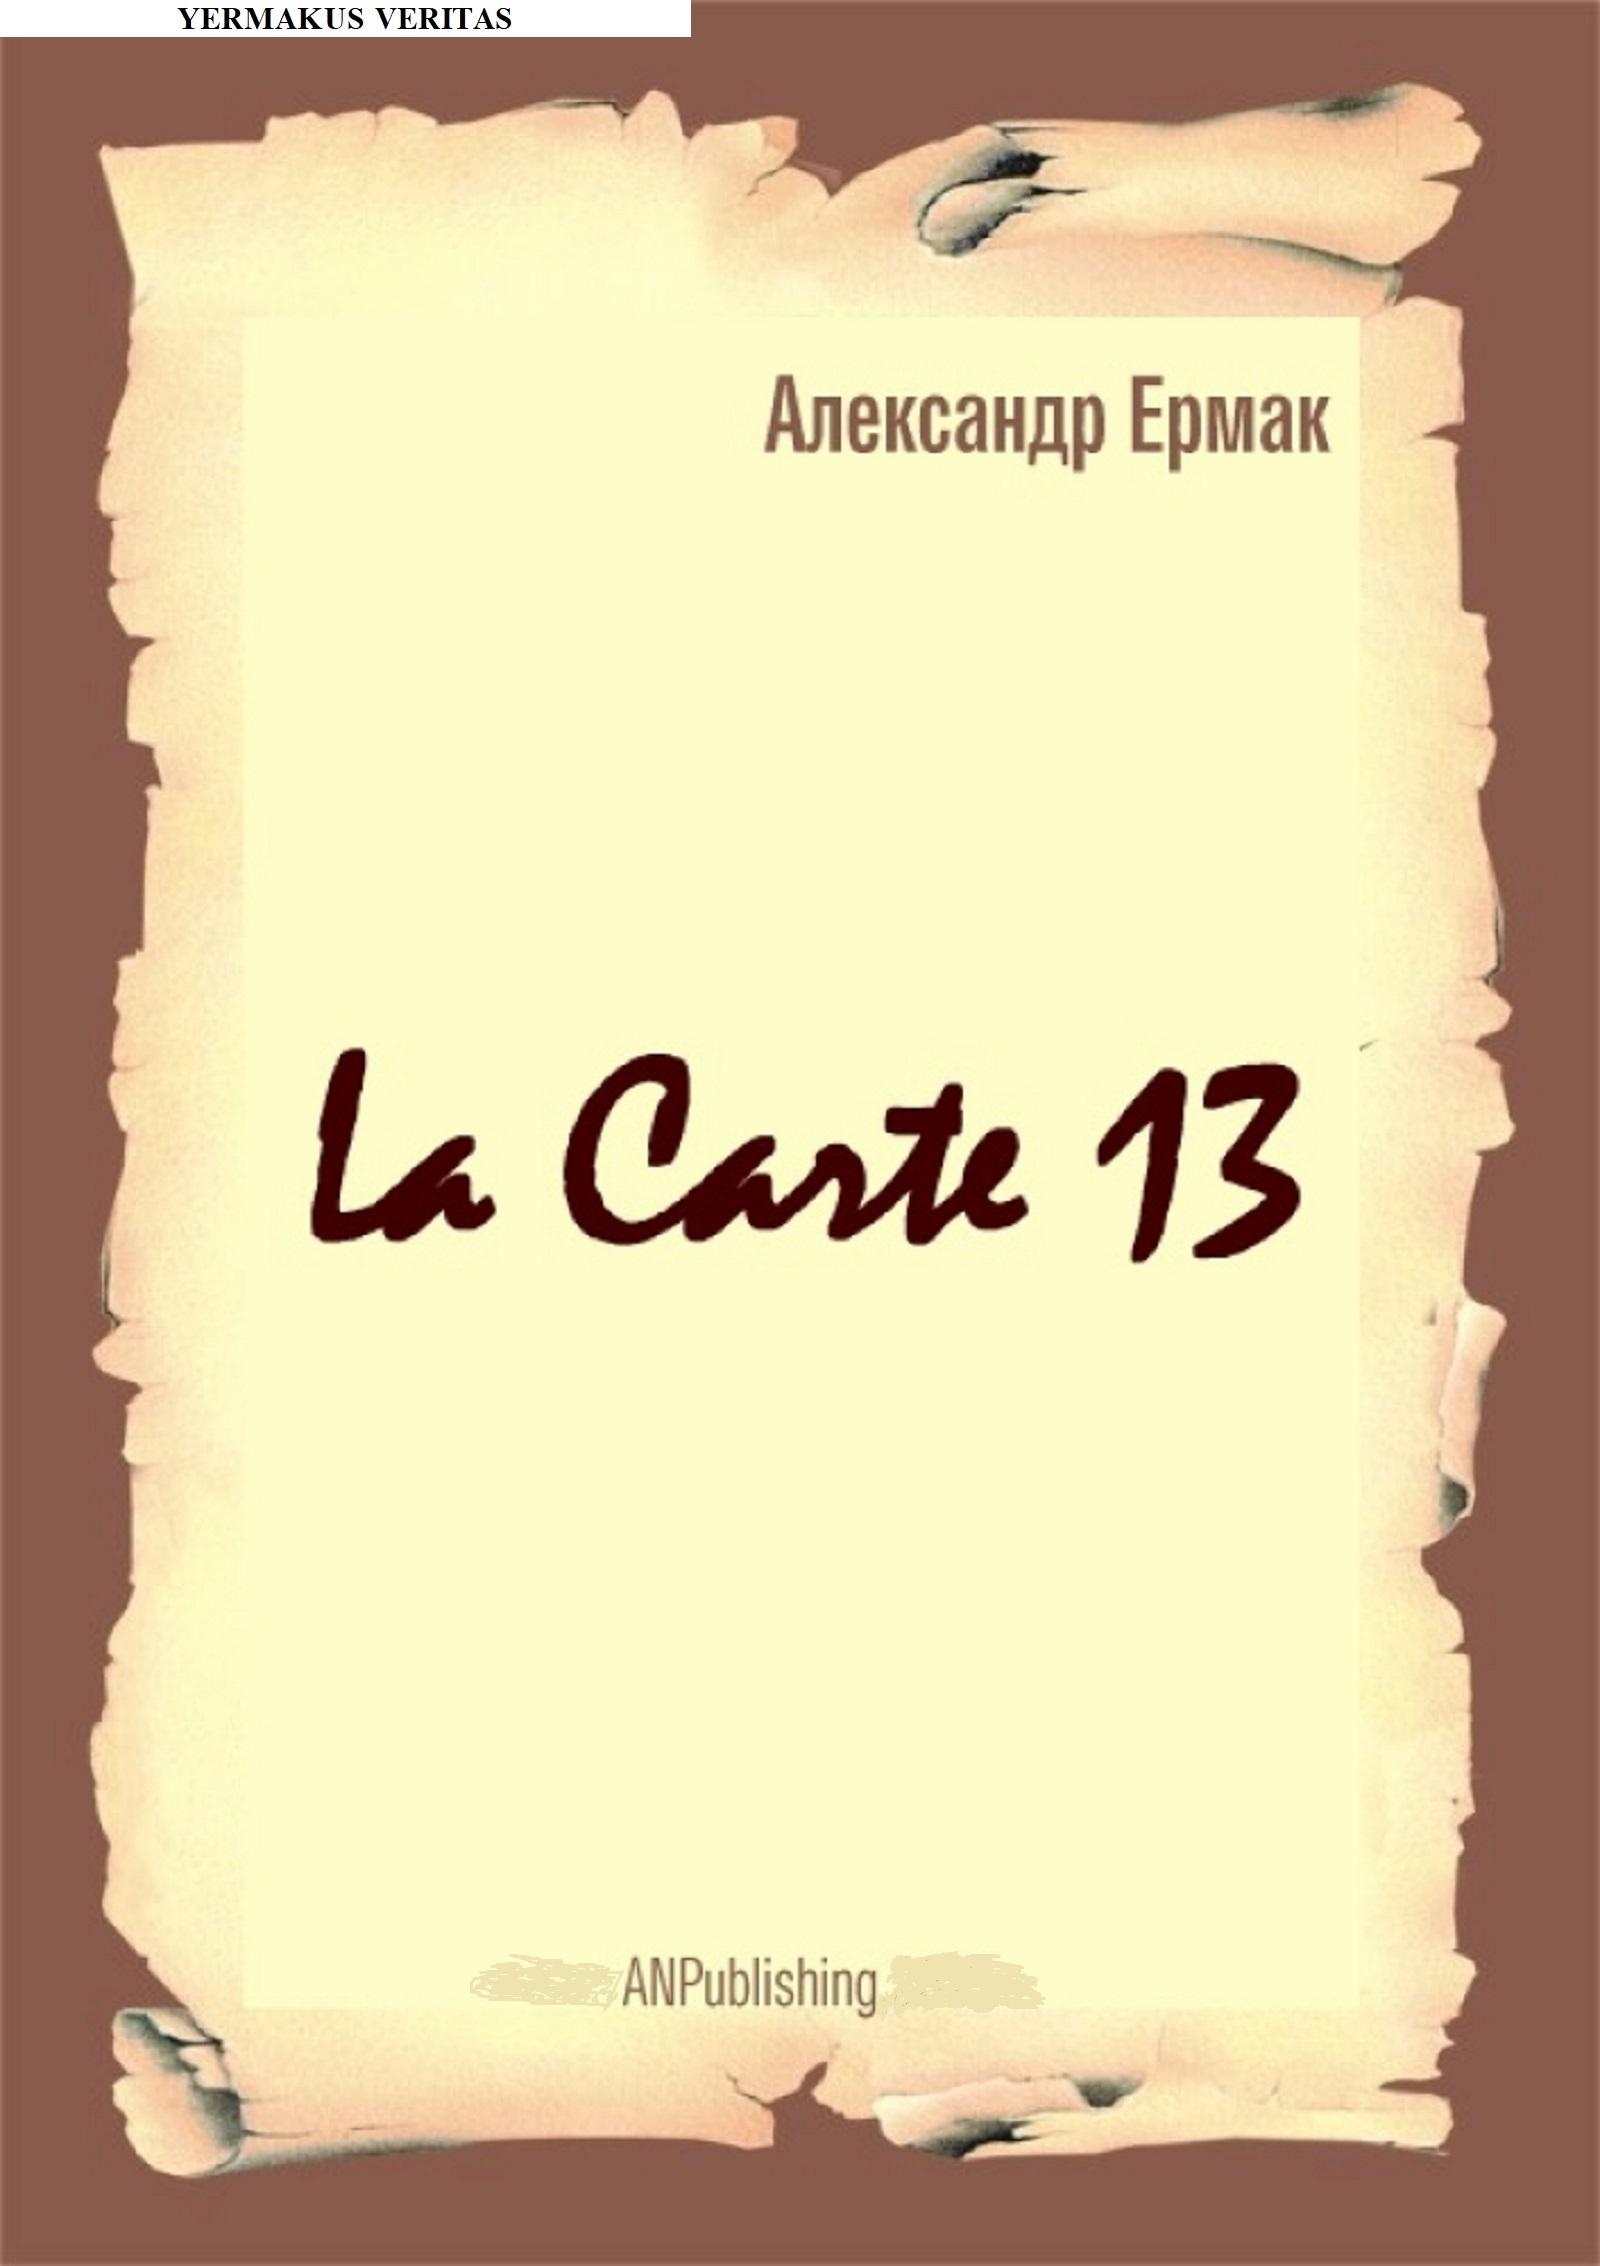 la carte 13